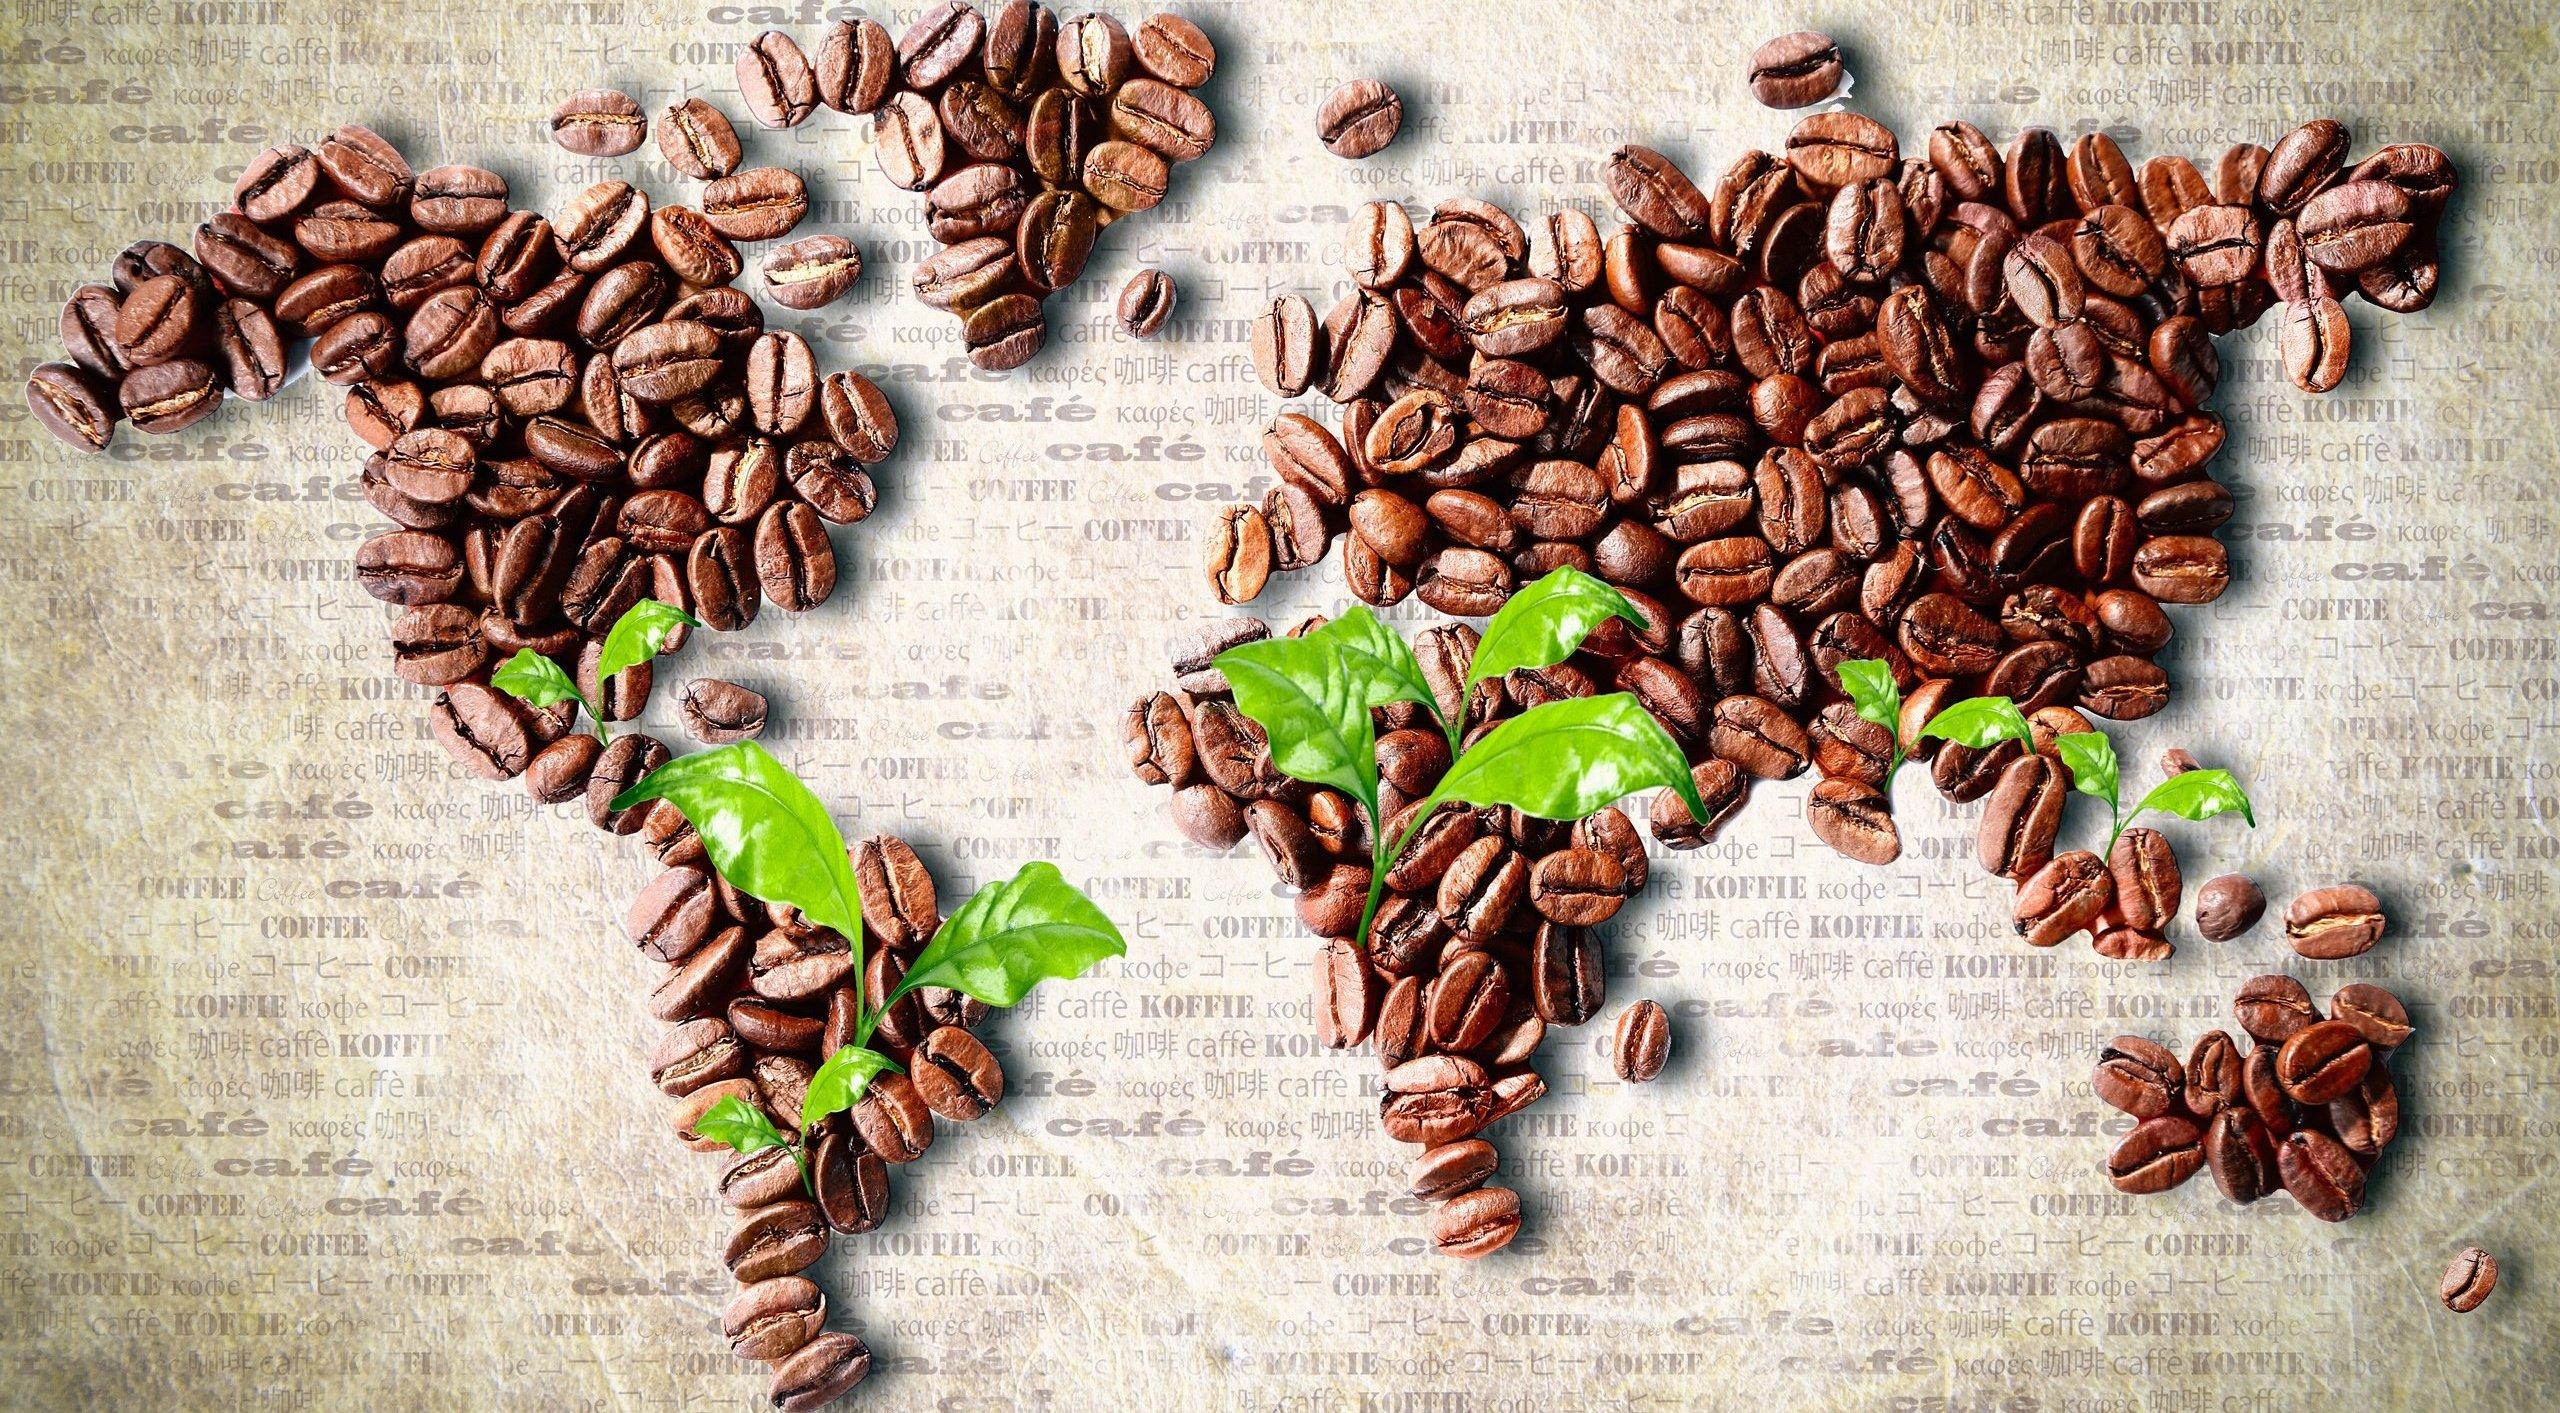 География кофе